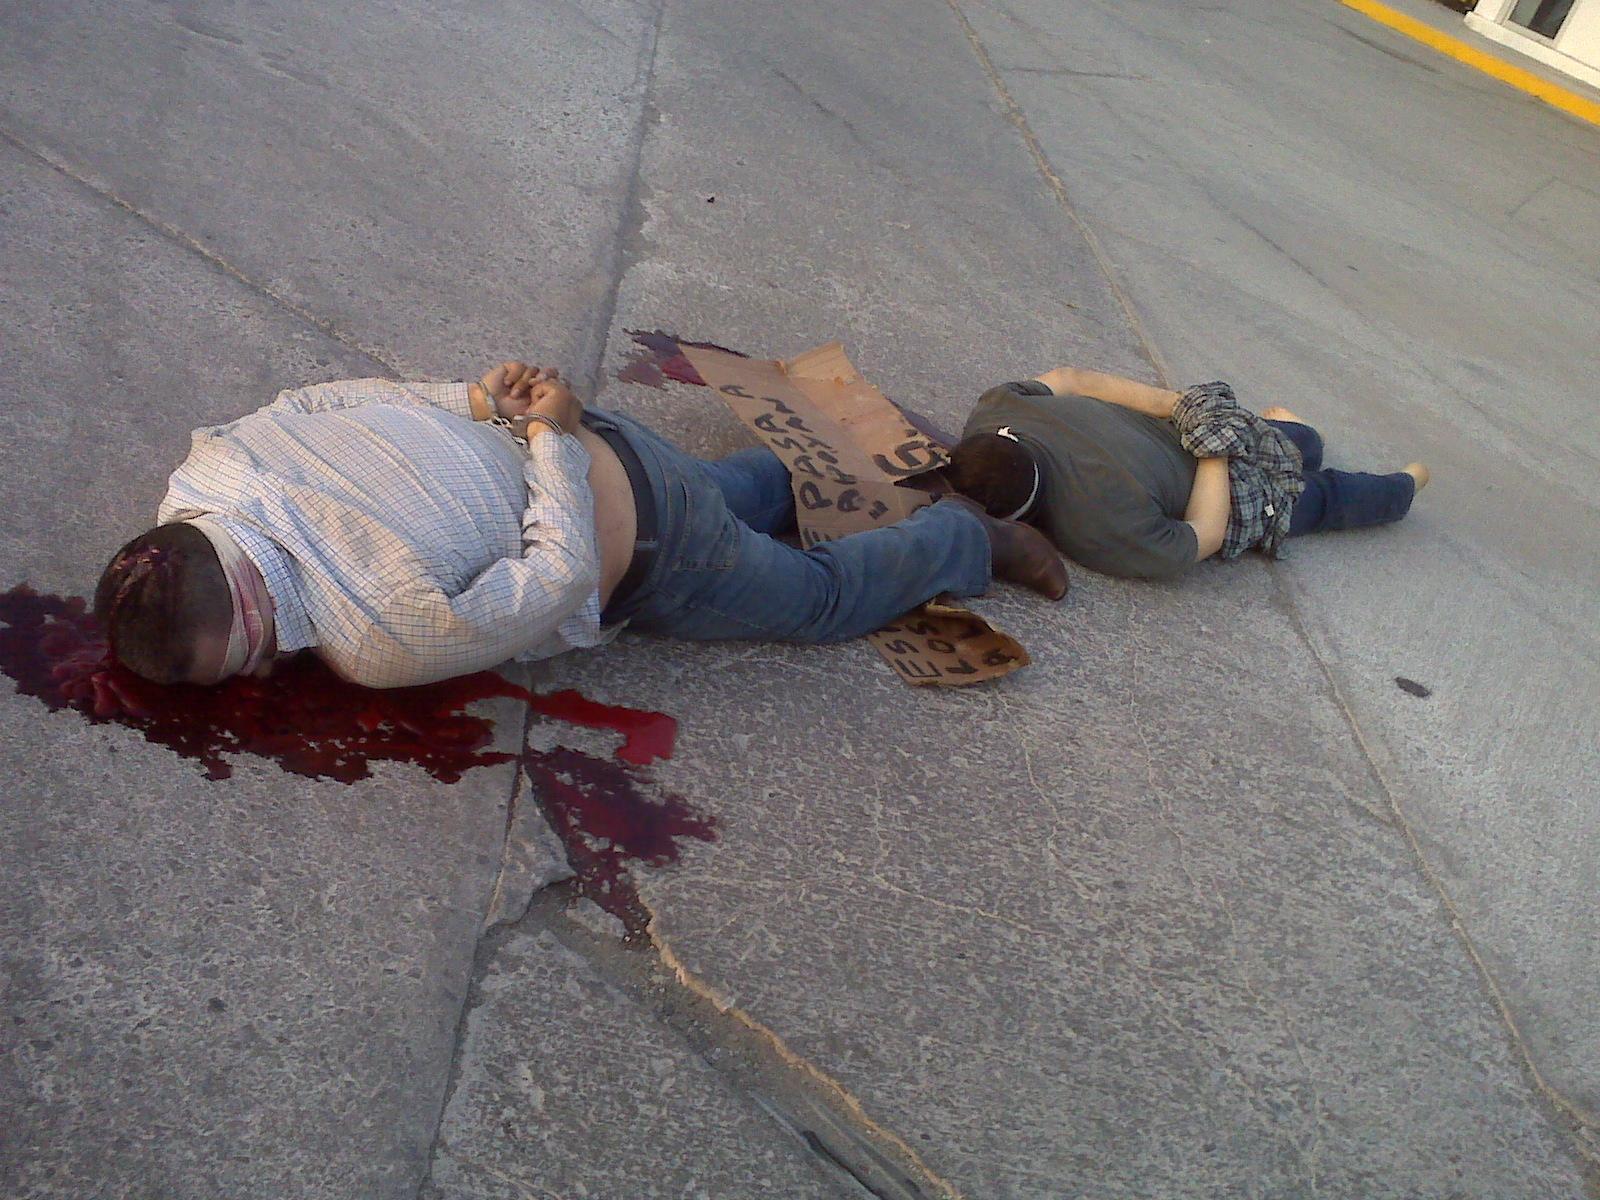 Ejecutados-en-Mante-Tamaulipas.jpg